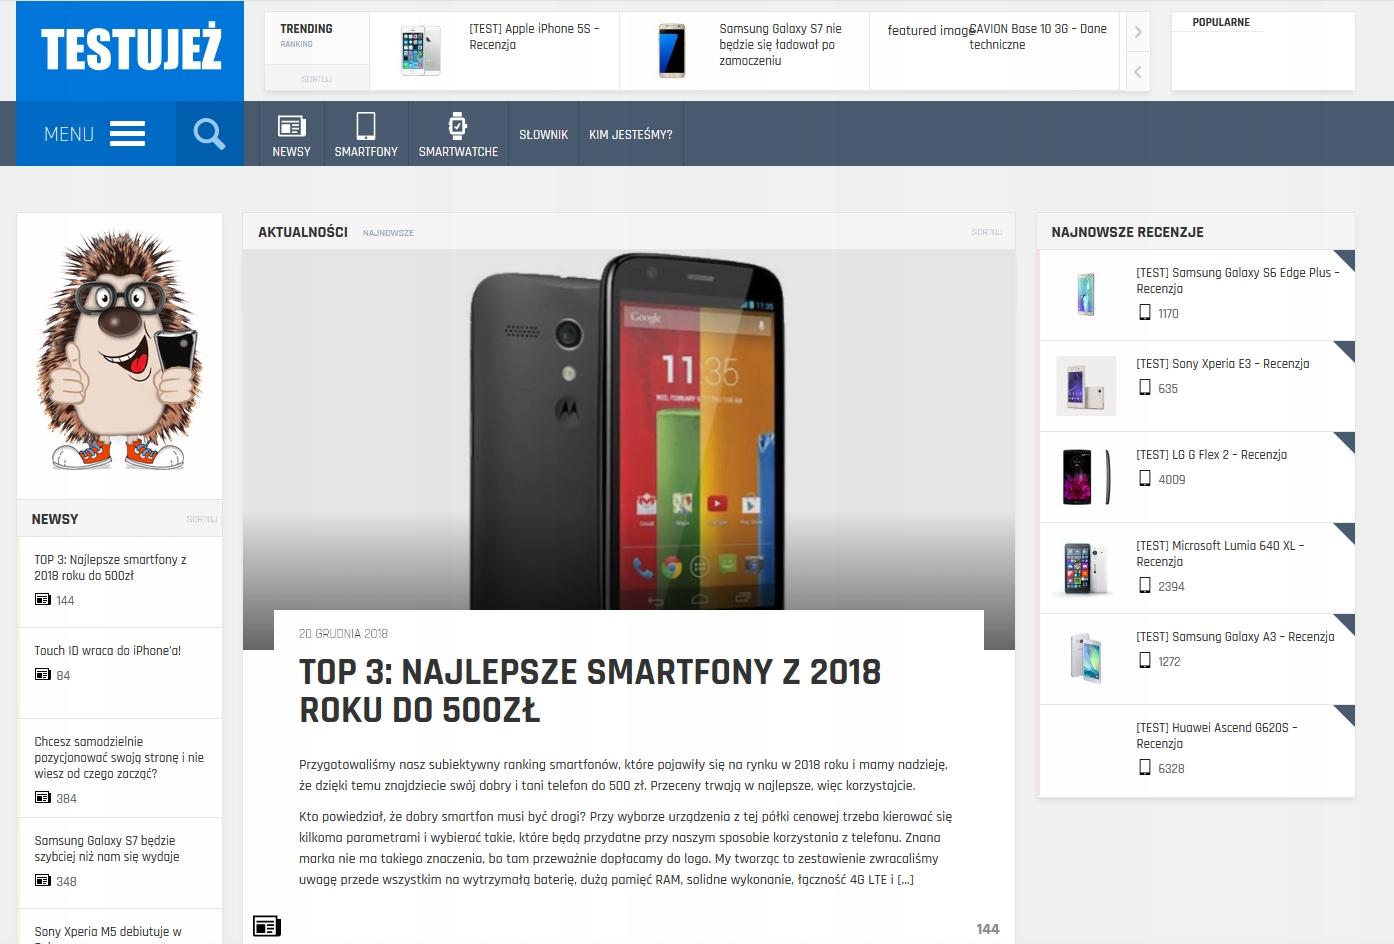 Artykuł sponsorowany na testujez.pl - Dofollow